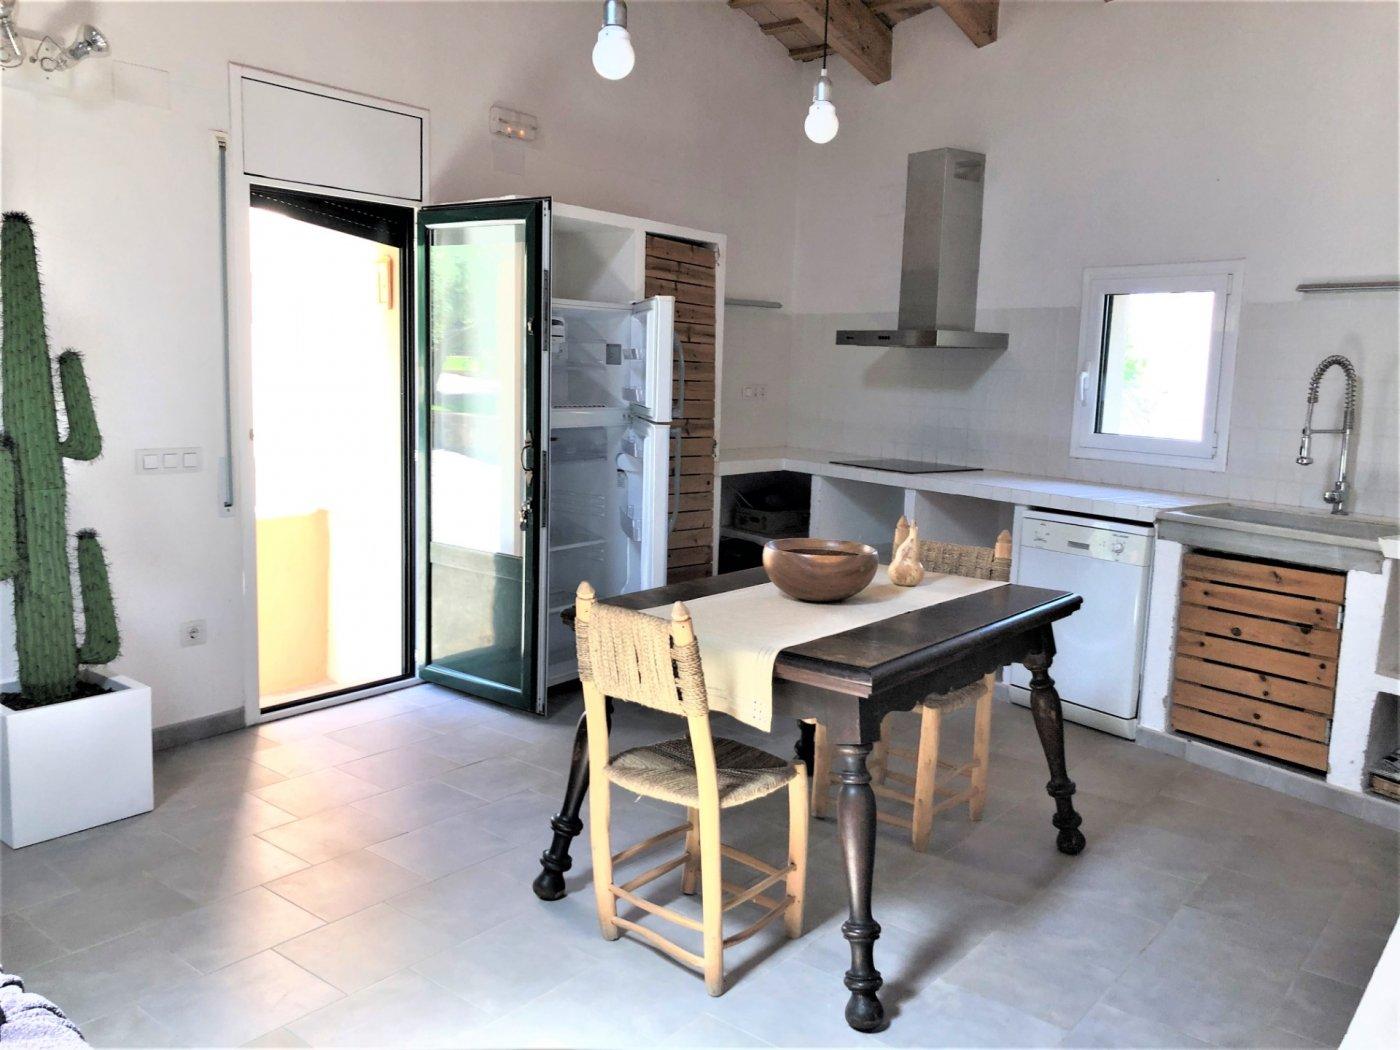 Edificio en venta en montblanc - imagenInmueble33